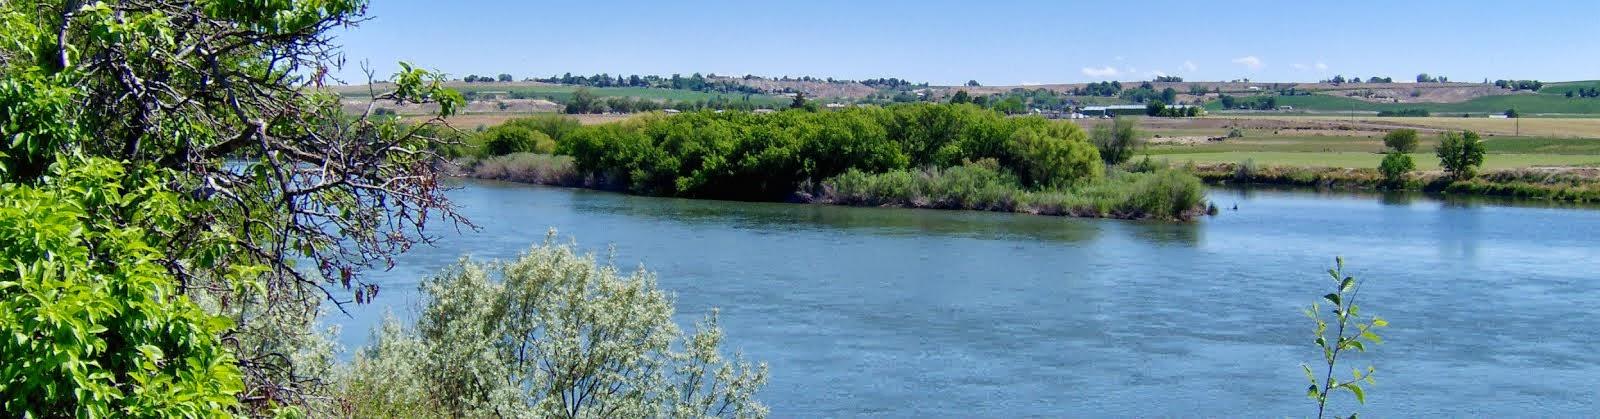 Riverhaven RV Park